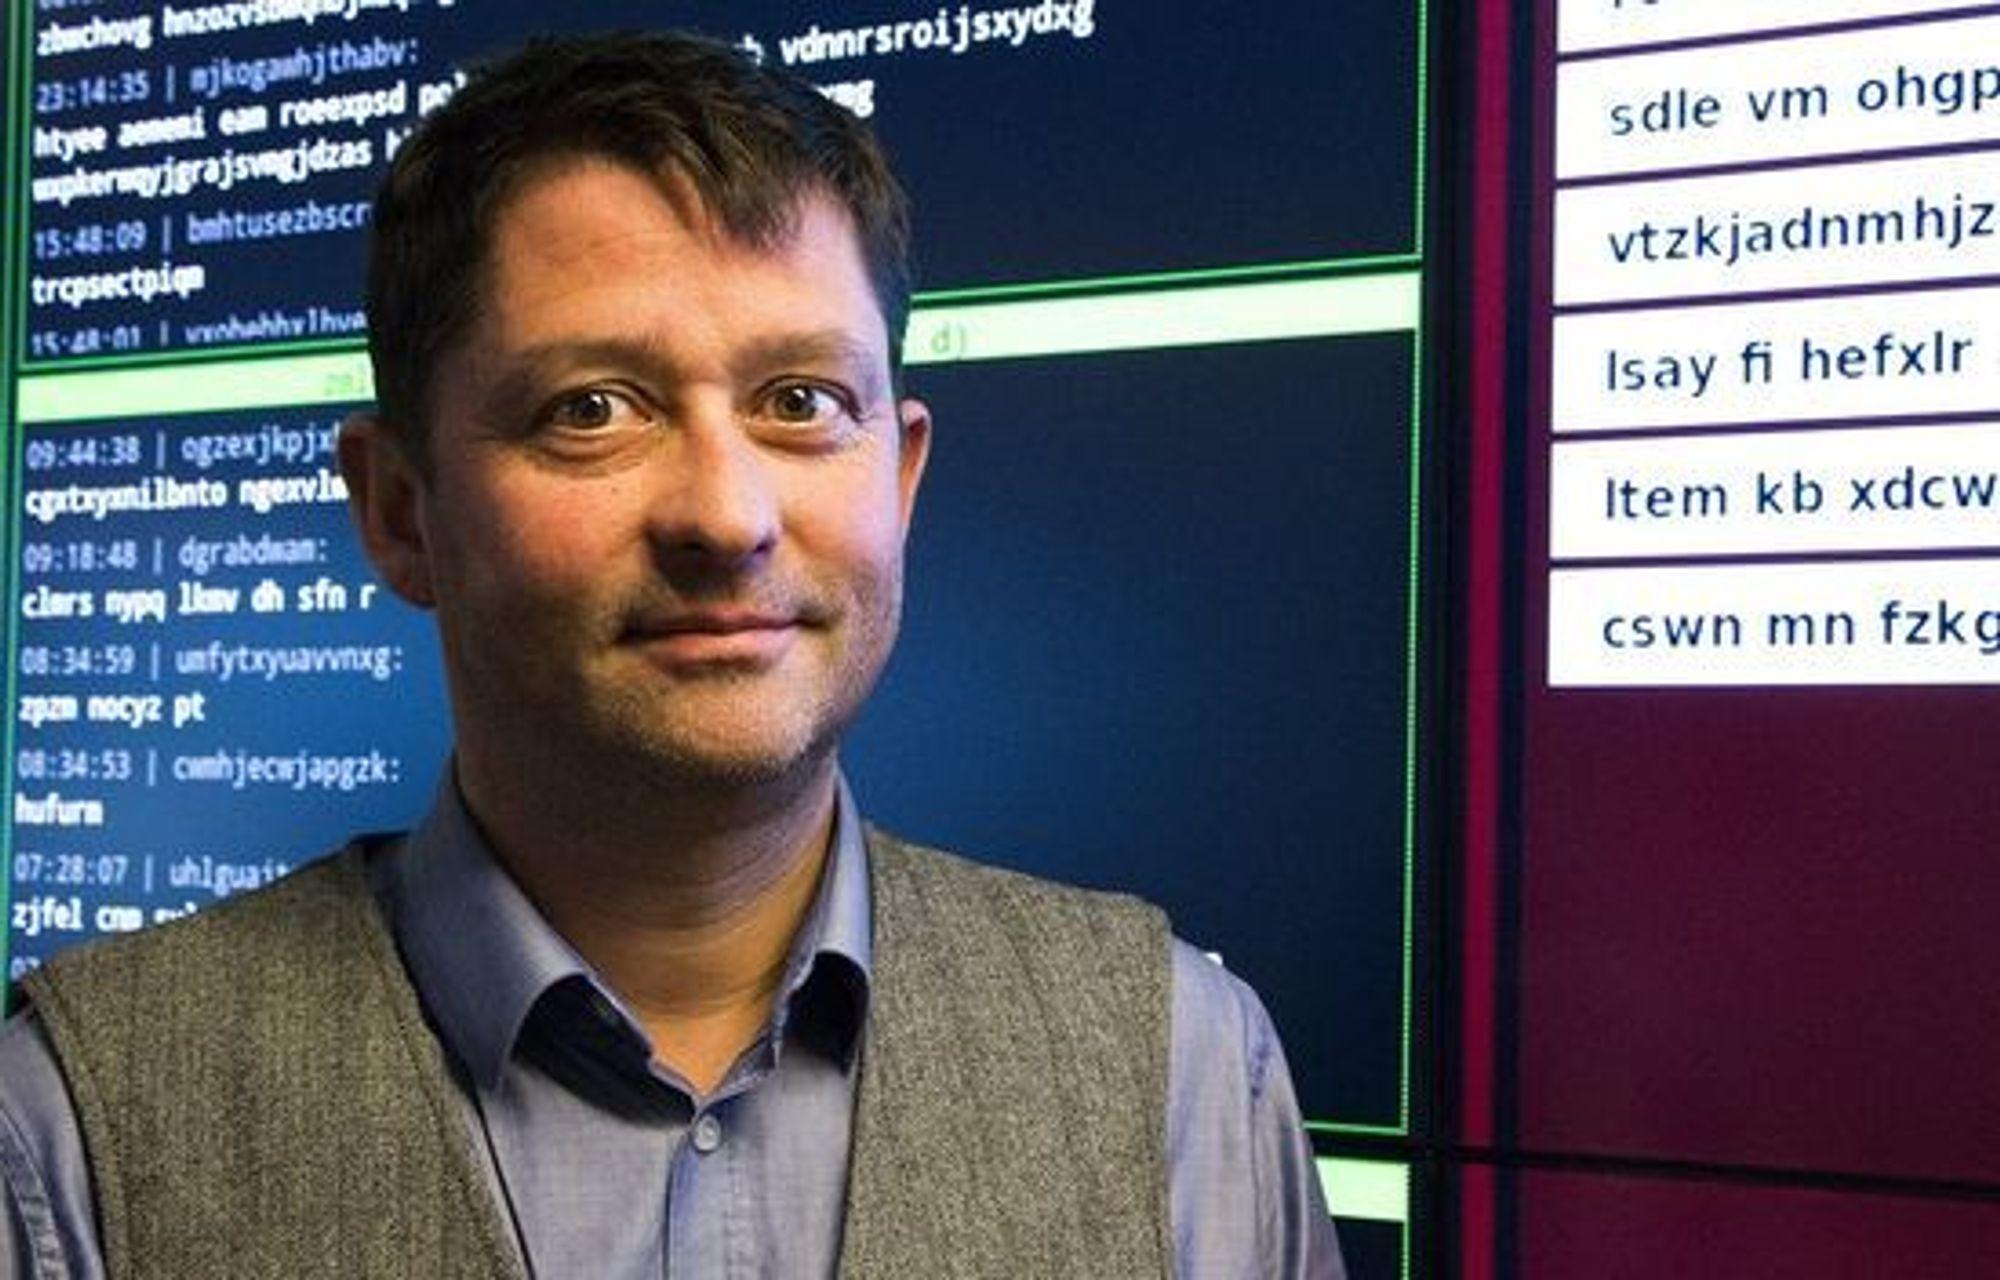 Seksjonssjef for teknisk analyse Arne Asplem ved NSM er blant annet ute etter å teste reaksjonsevnen under øvelsen Cyber Europe 2014.